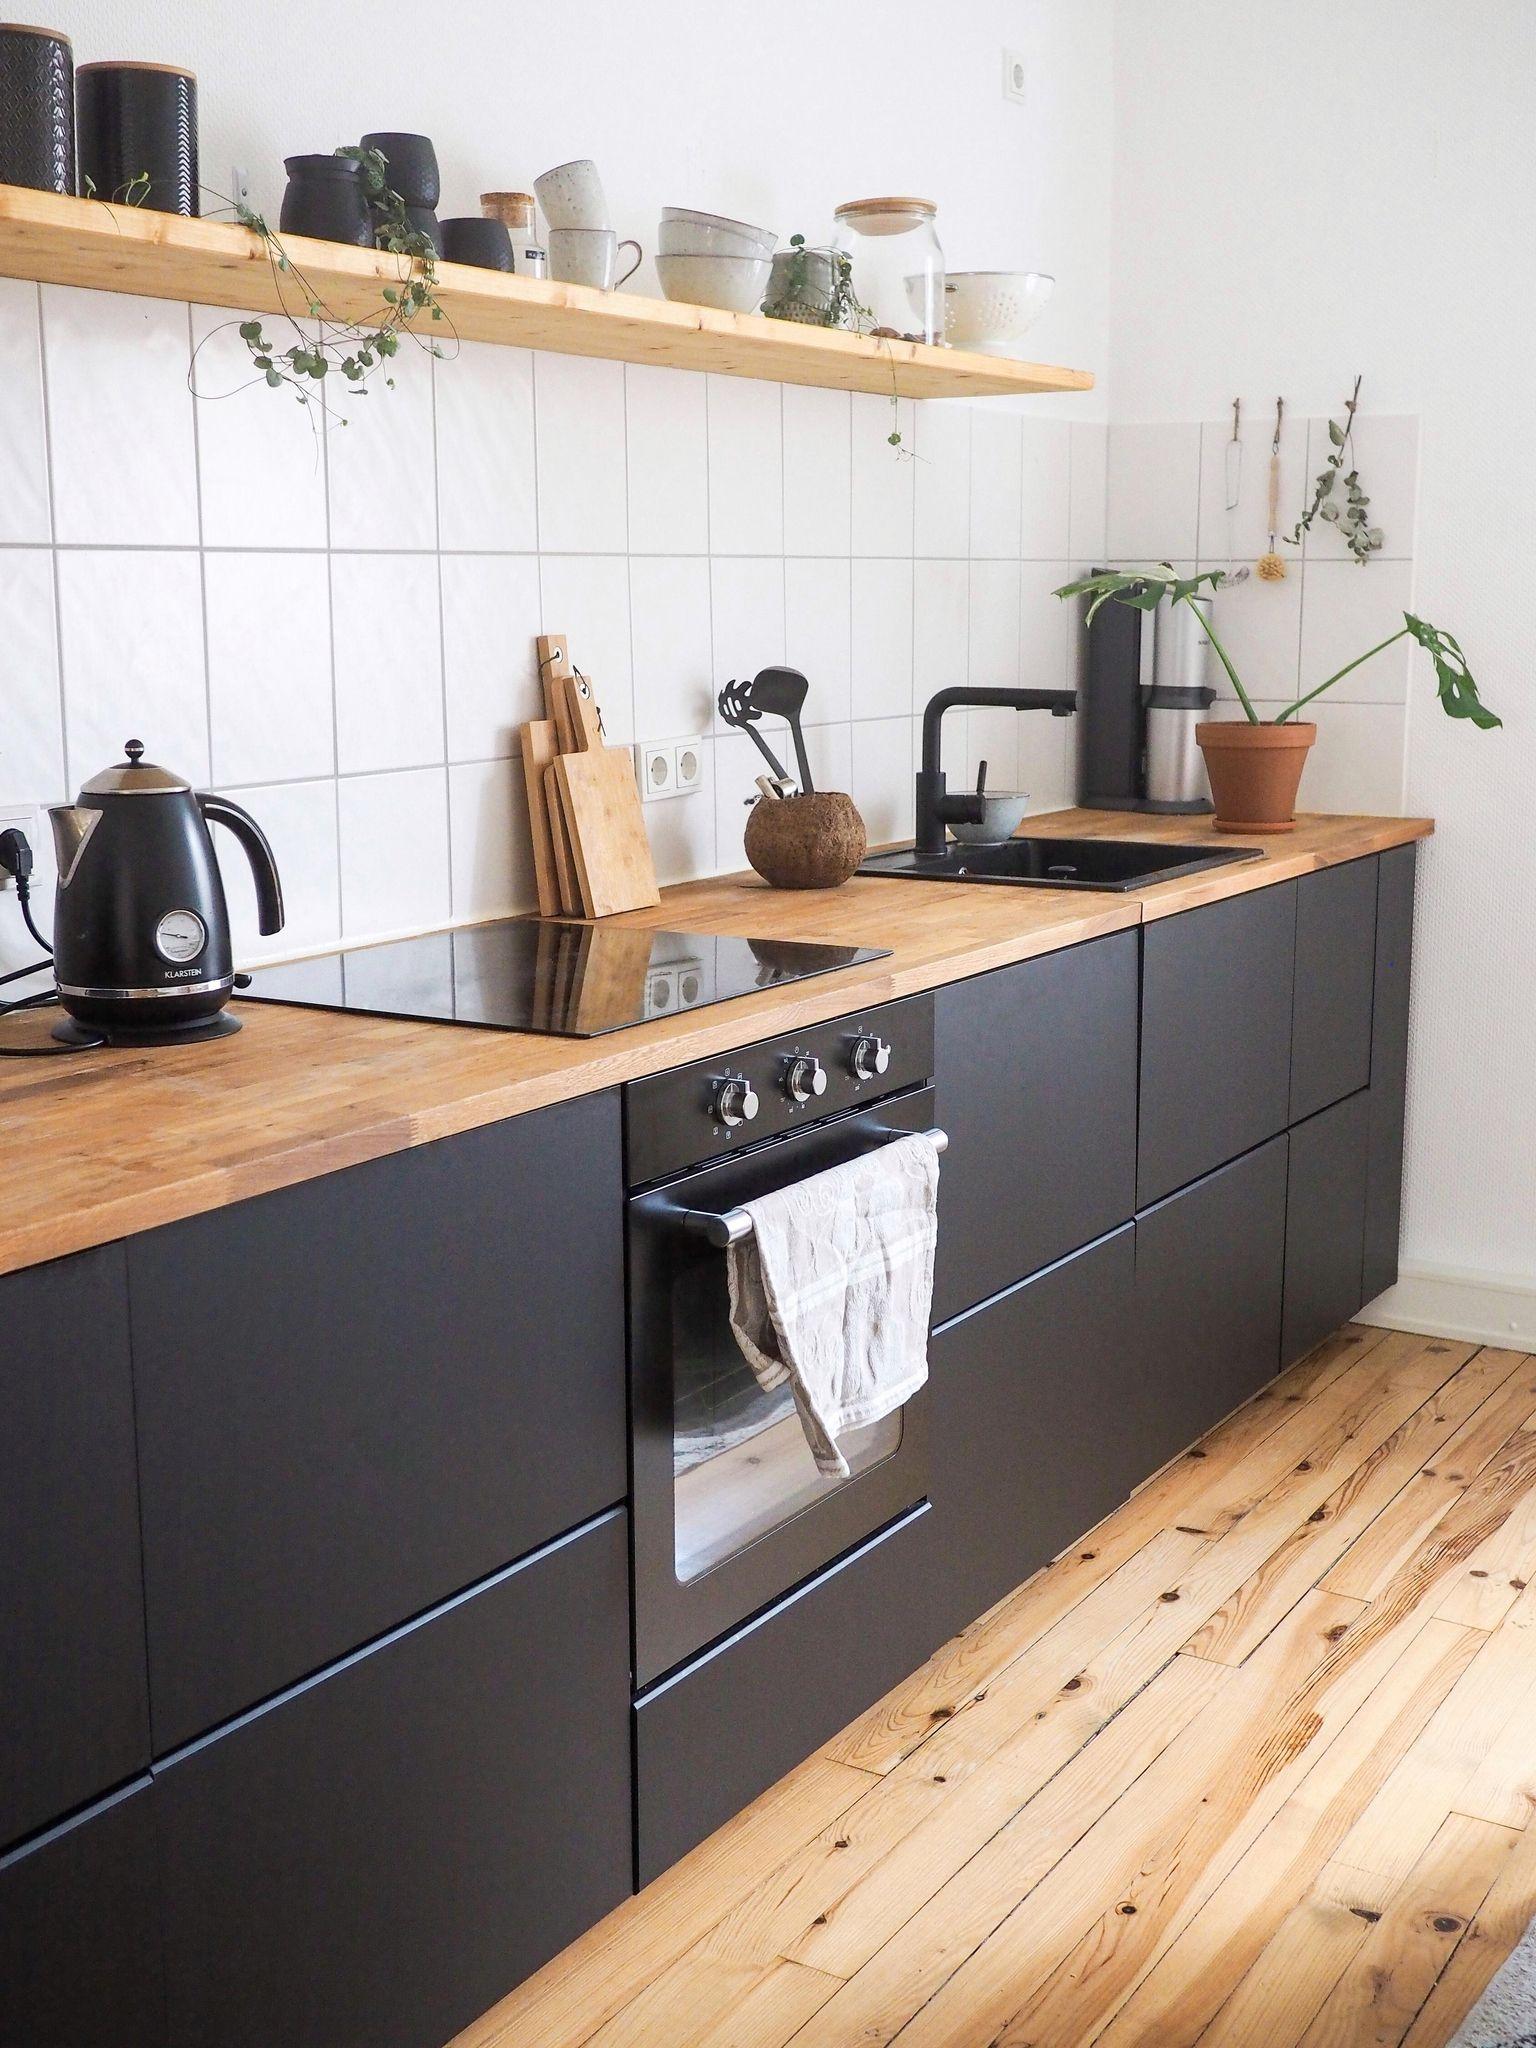 Küche mit Regal 🌟 #kitchen #couchliebt #küche